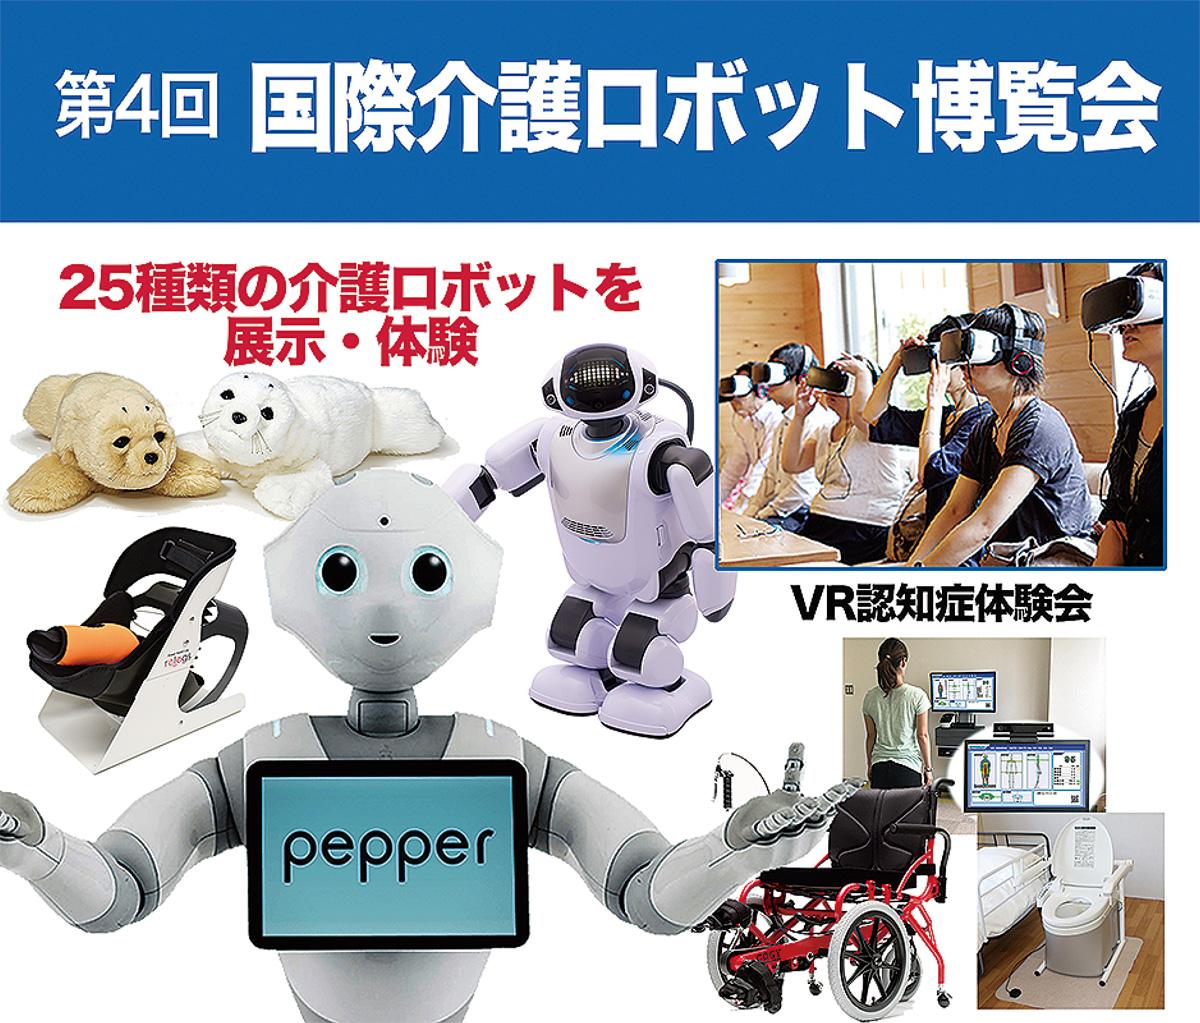 当日展示される介護ロボット(チラシから抜粋)